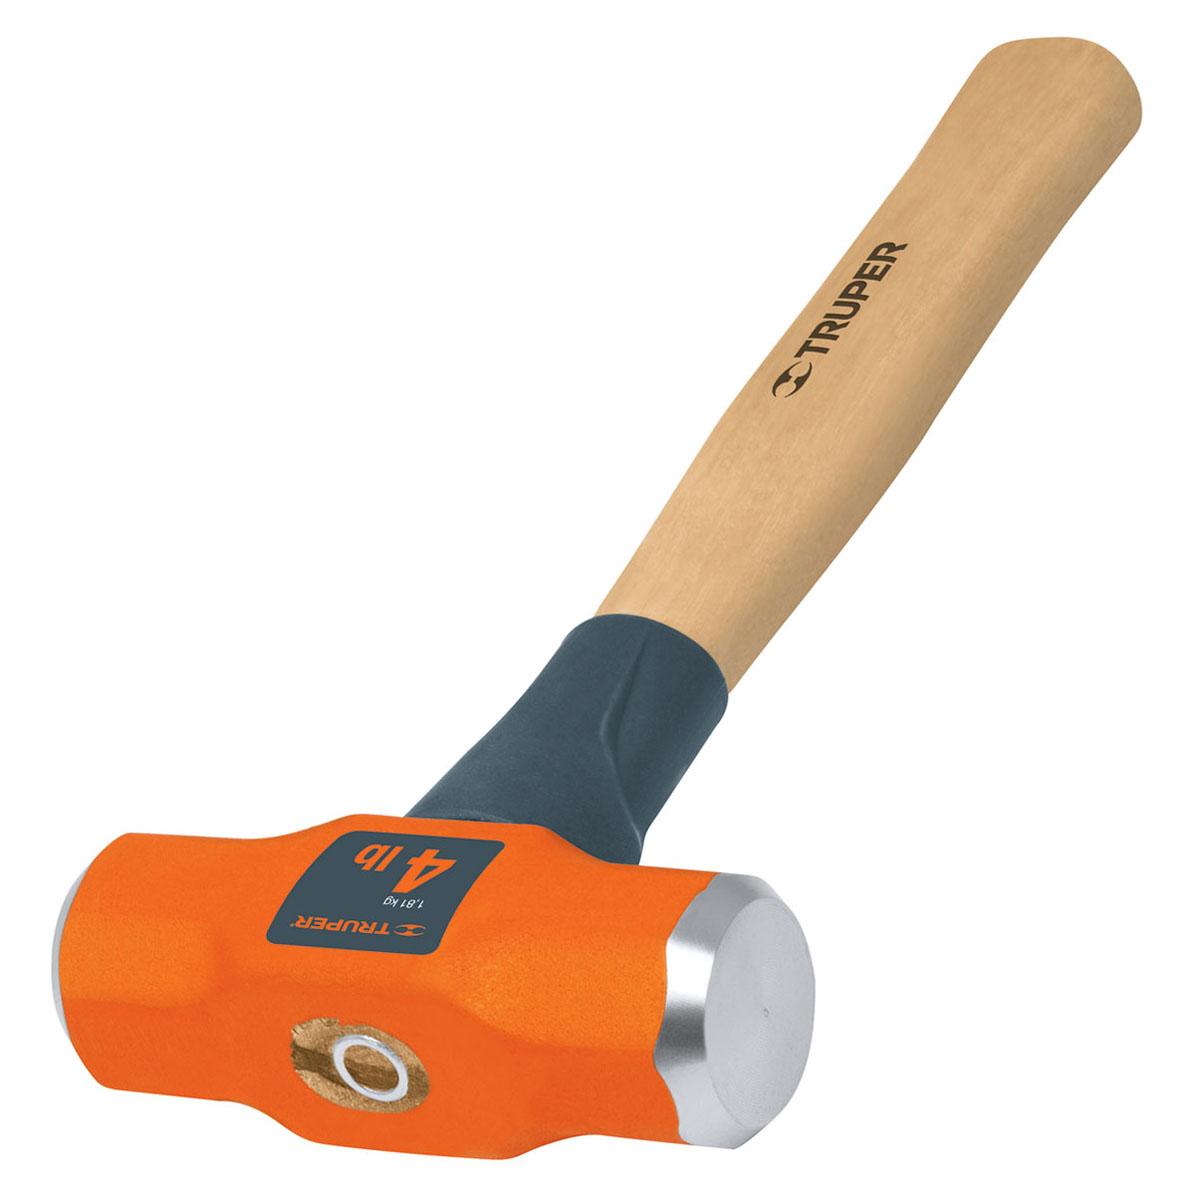 Кувалда Truper, с деревянной рукояткой, 1,8 кг2706 (ПО)Кувалда Truper предназначена для нанесения исключительно сильных ударов при обработке металла, на демонтаже и монтаже конструкций. Деревянная ручка с антишоковой защитой, изготовленная из дуба, обеспечивает надежный хват. Финишная обработка бойка.